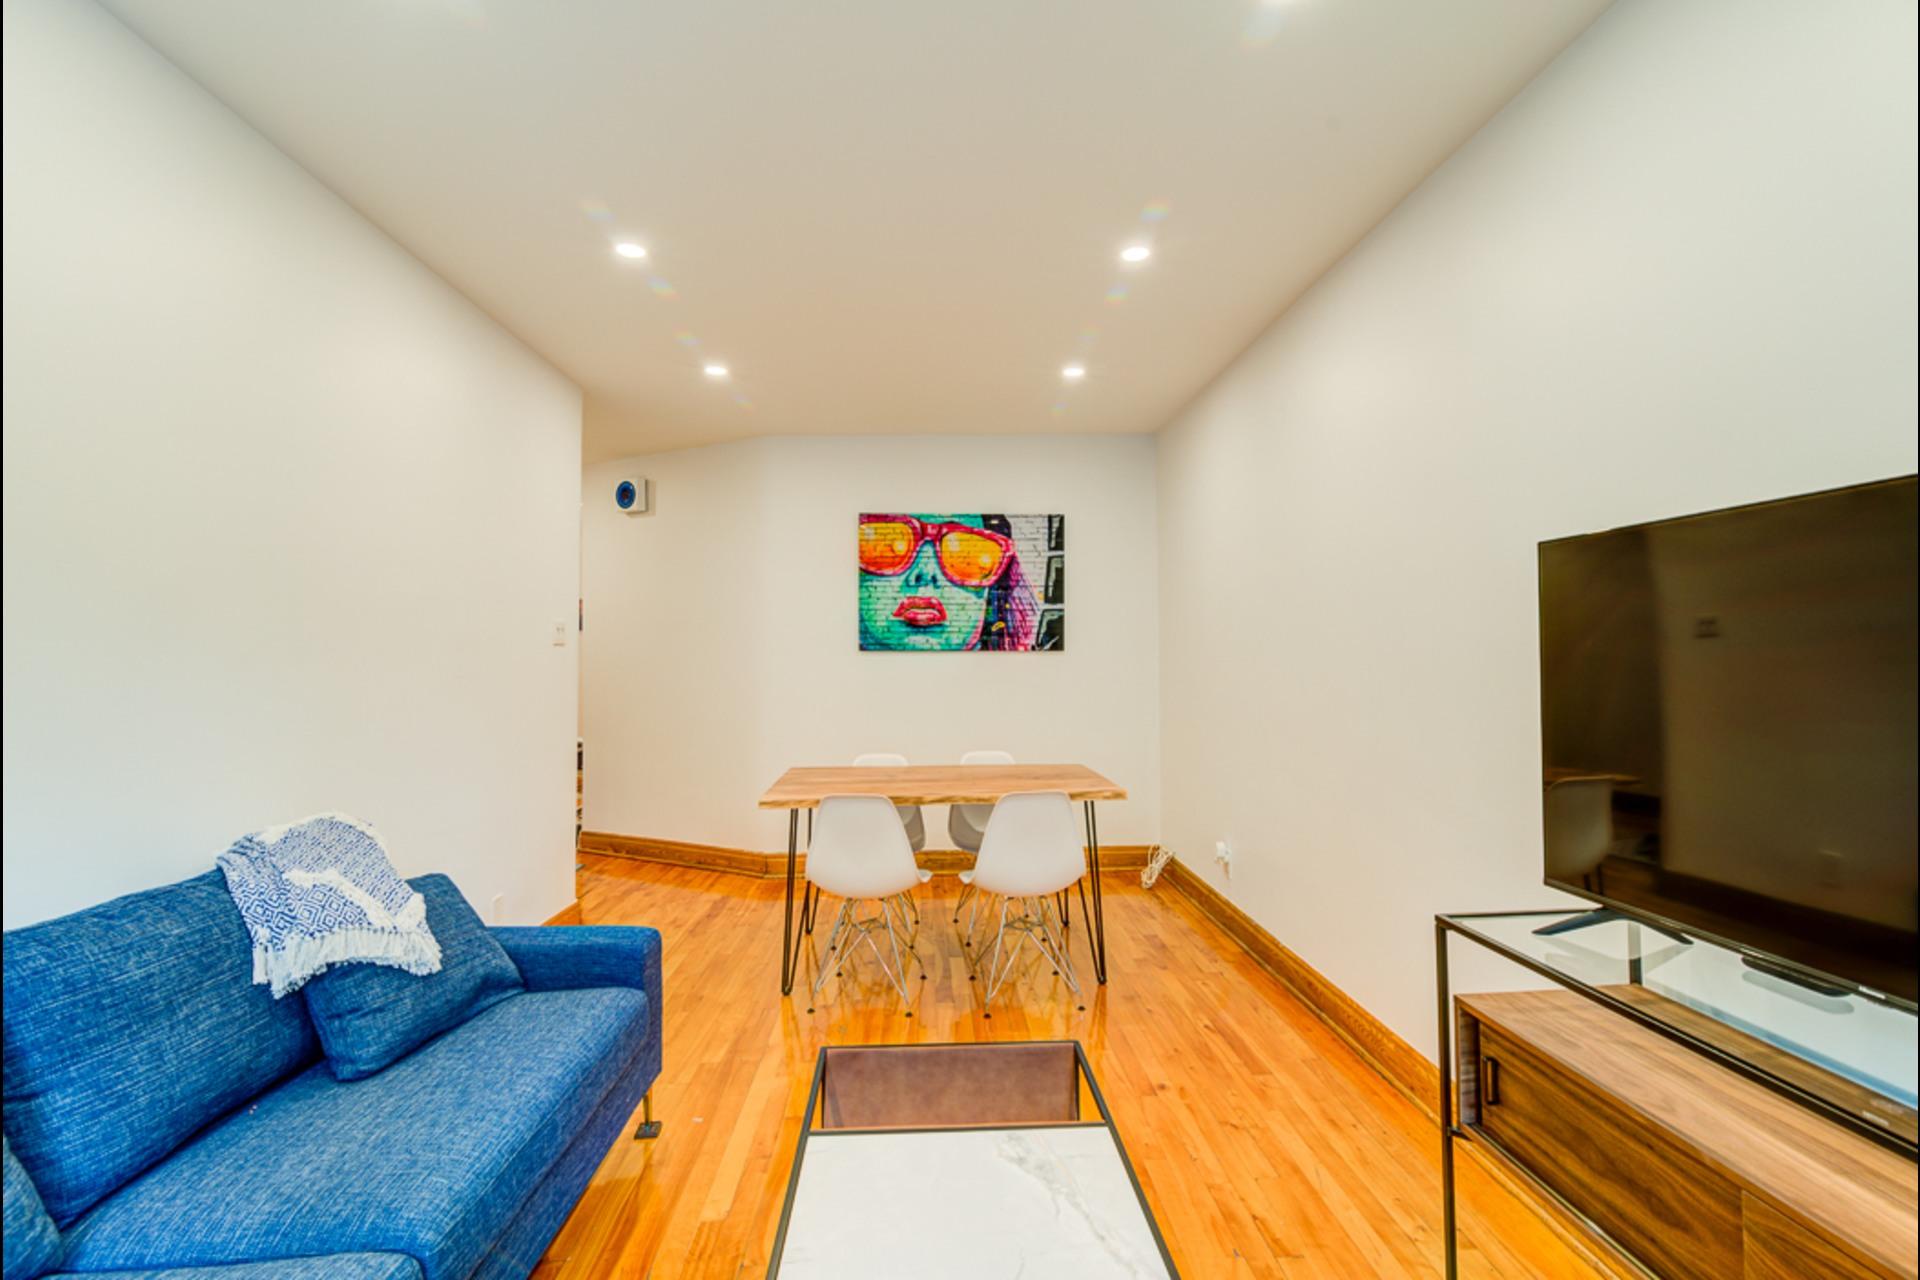 image 8 - House For rent Montréal